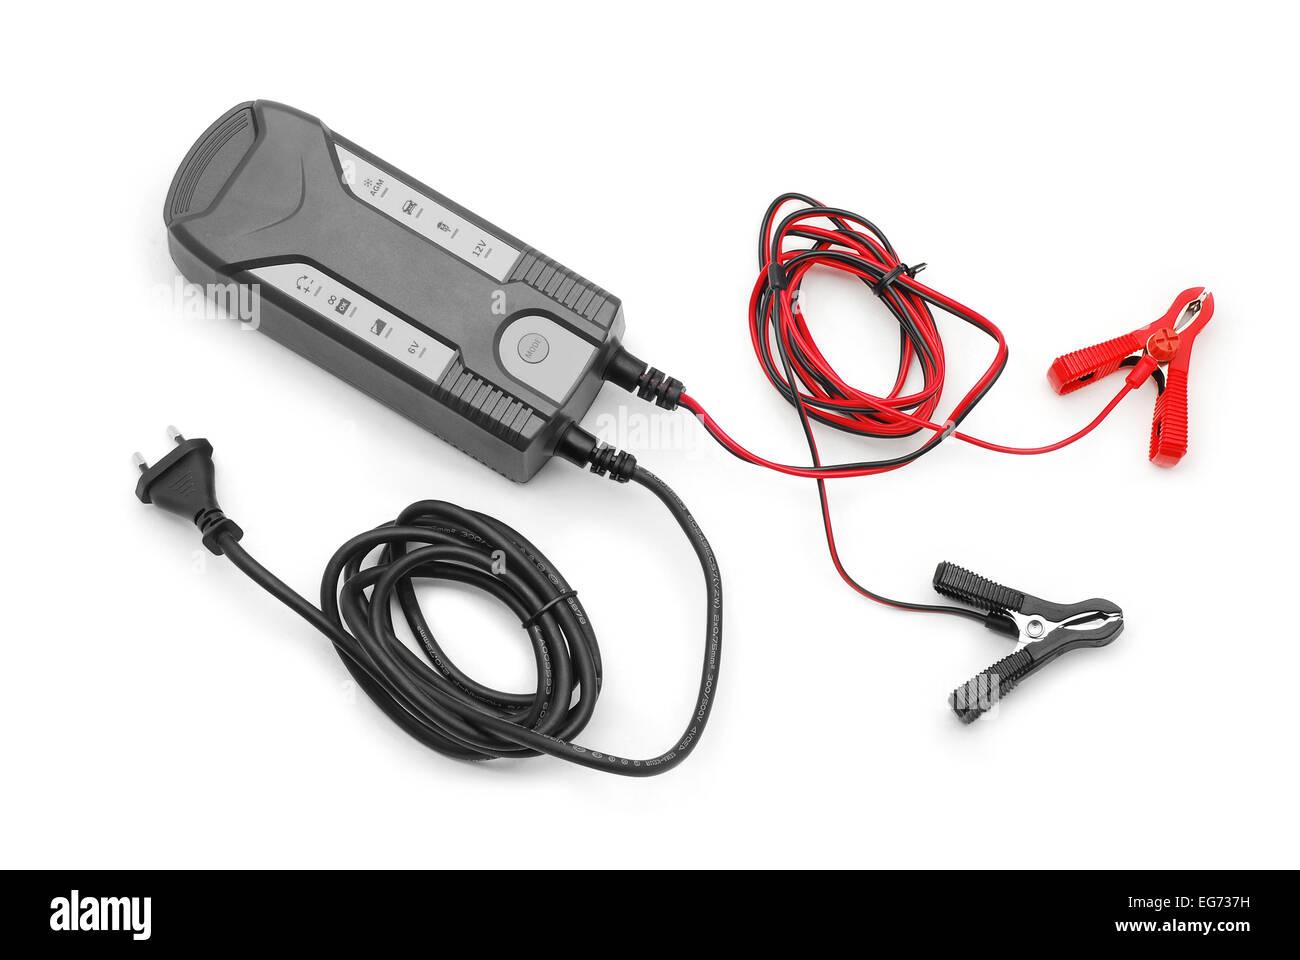 Jumper Cable Imágenes De Stock & Jumper Cable Fotos De Stock - Alamy